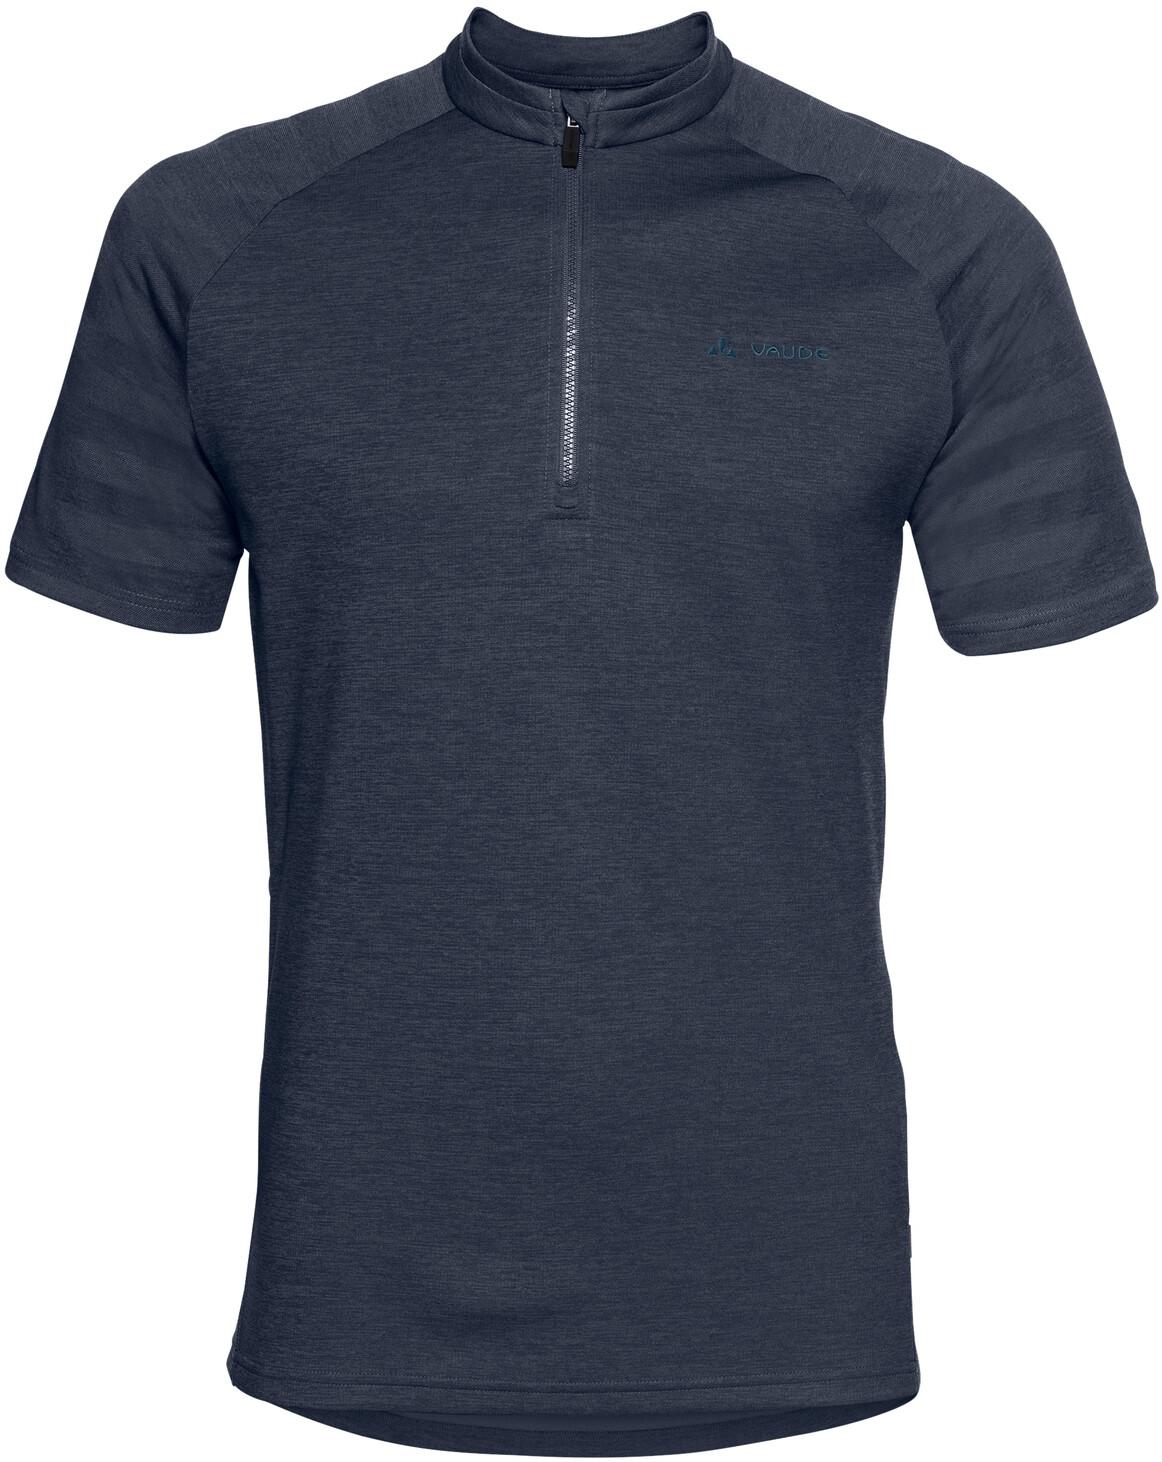 Mutter & Kinder Vorsichtig 2019 Neue Marke Neue Männer Polo Shirt Männer Kurzarm Baumwolle Shirt Trikots Polo Shirts Herren Polo-shirt Marken Herausragende Eigenschaften